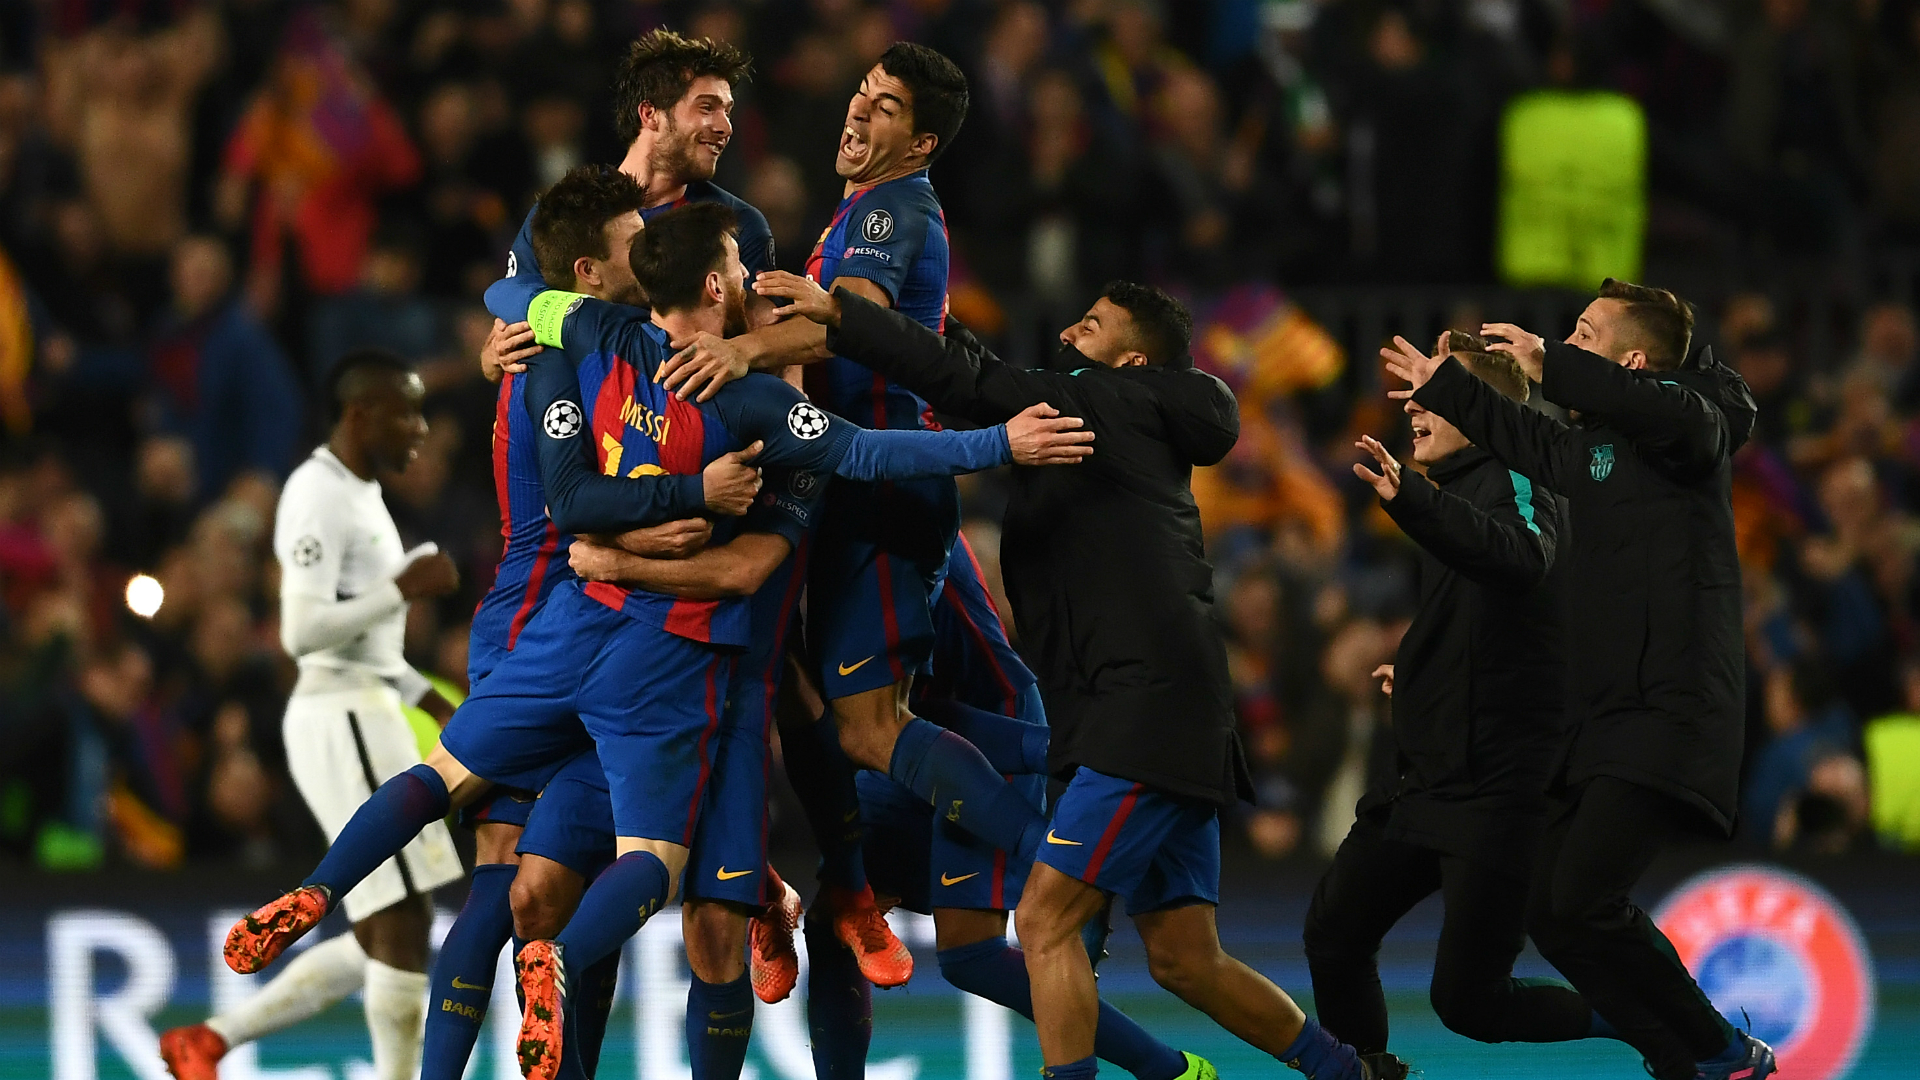 Champions League last-16 draw: Barca and PSG to renew rivalry, Bayern face Lazio